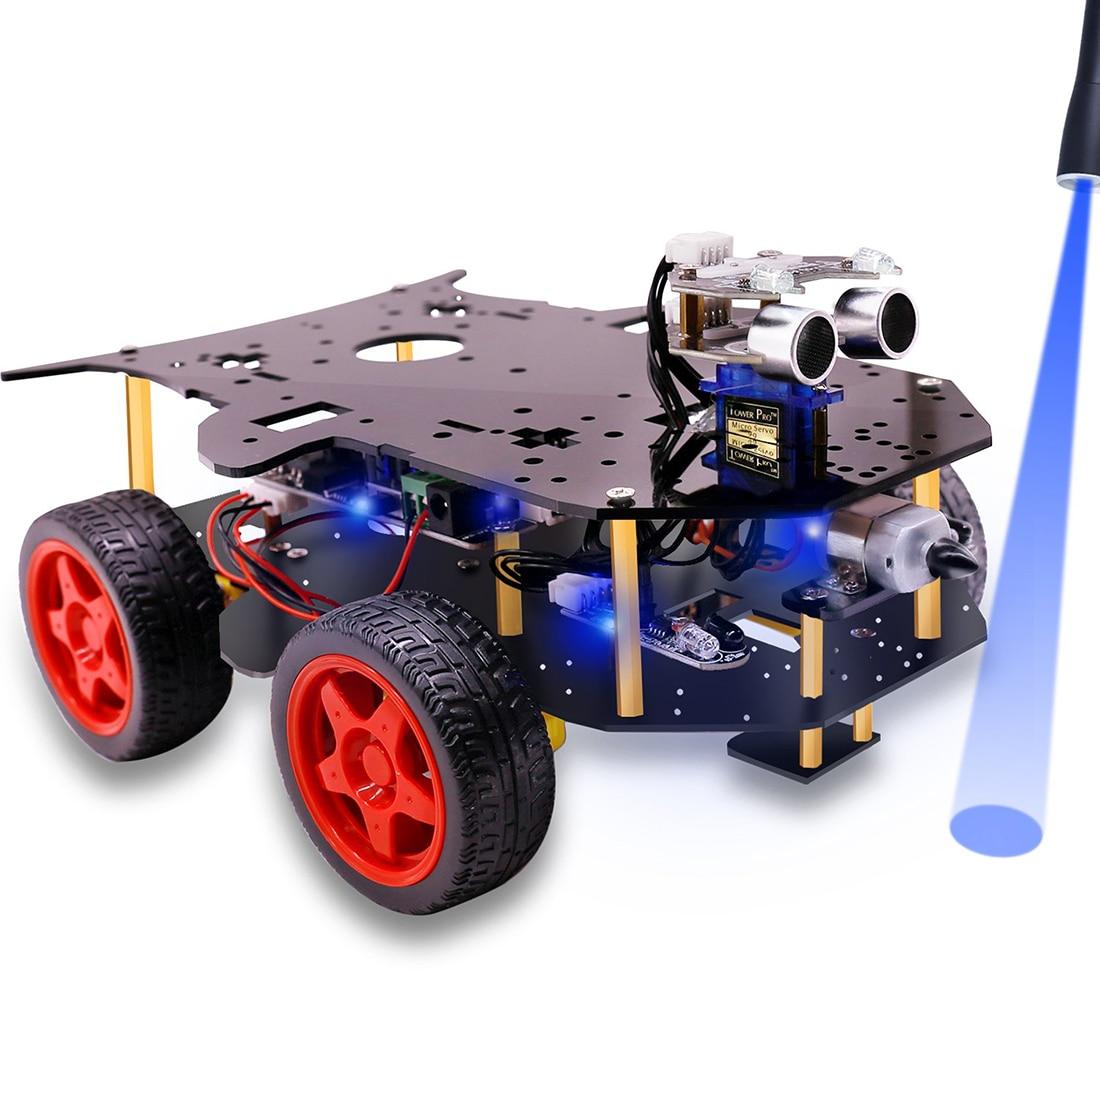 Roboter Auto 4WD Programmierung Stamm Bildung Robot Kit Spielzeug mit Tutorial & Open Source Code für Arduino (Einschließlich UNO r3 Mainboard)